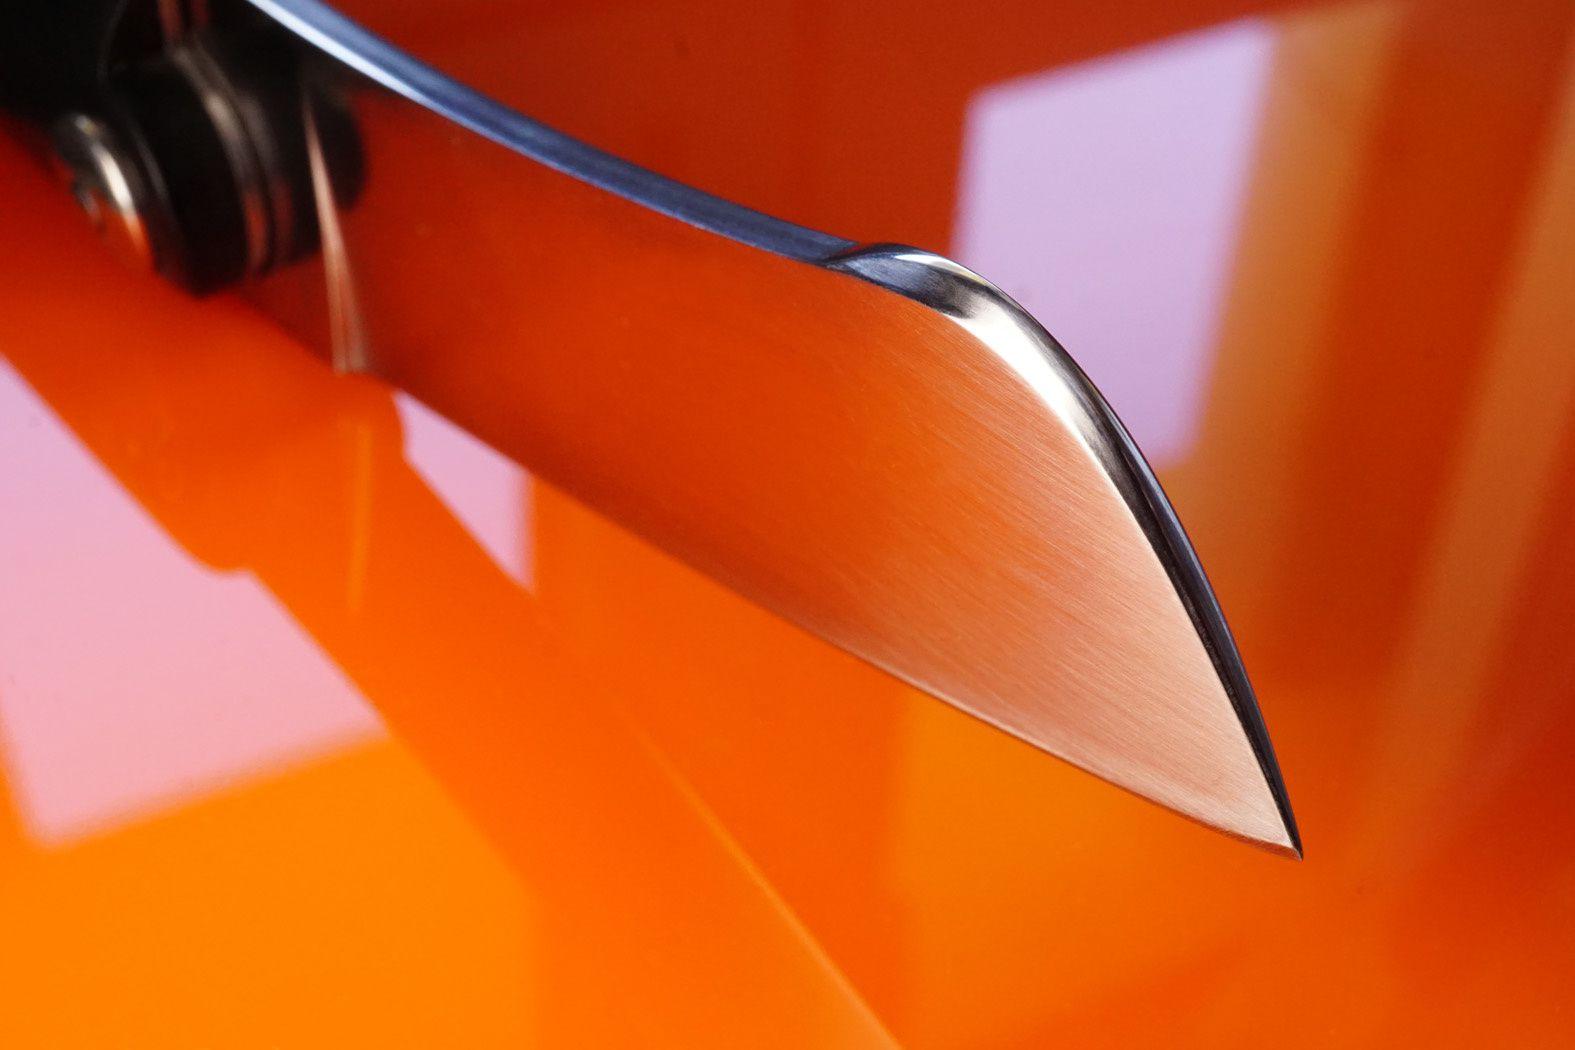 La lame redoutable est en rwl34, et comme elle ne touche pas la table dans cette position, le manche est stable même si on fait subir des rotations au couteau